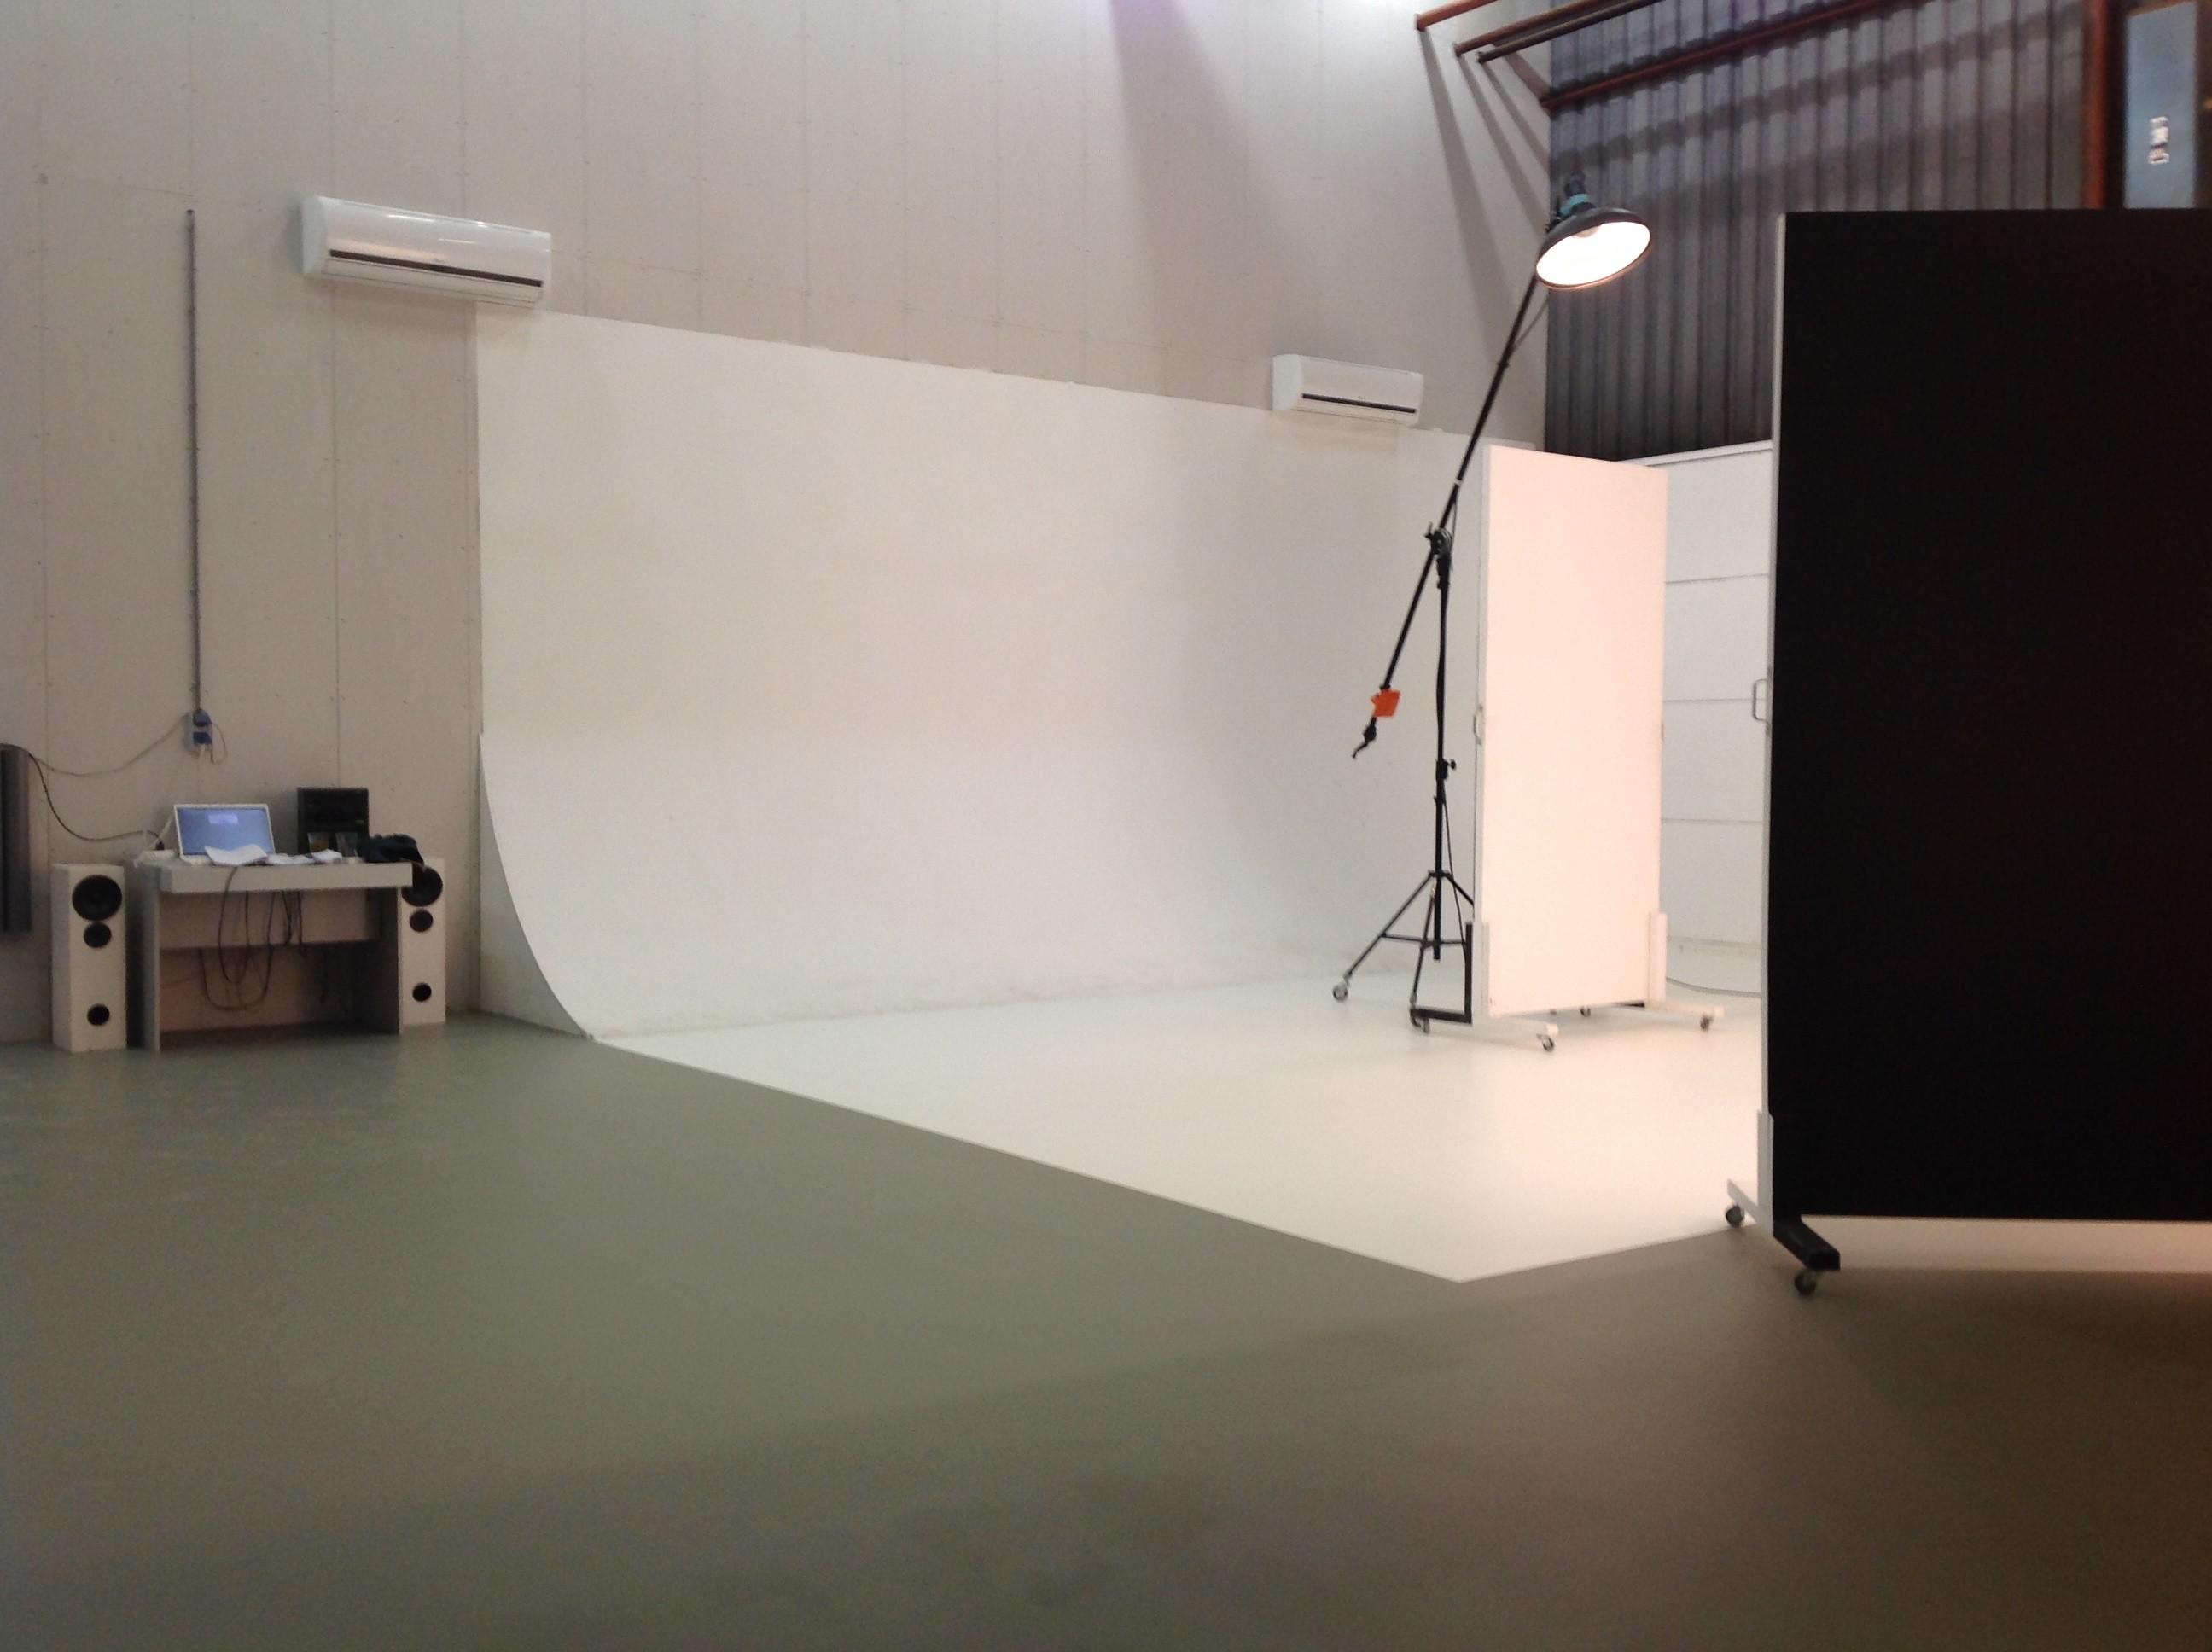 vloercoating aanbrengen bij fotostudio in ede achterberg